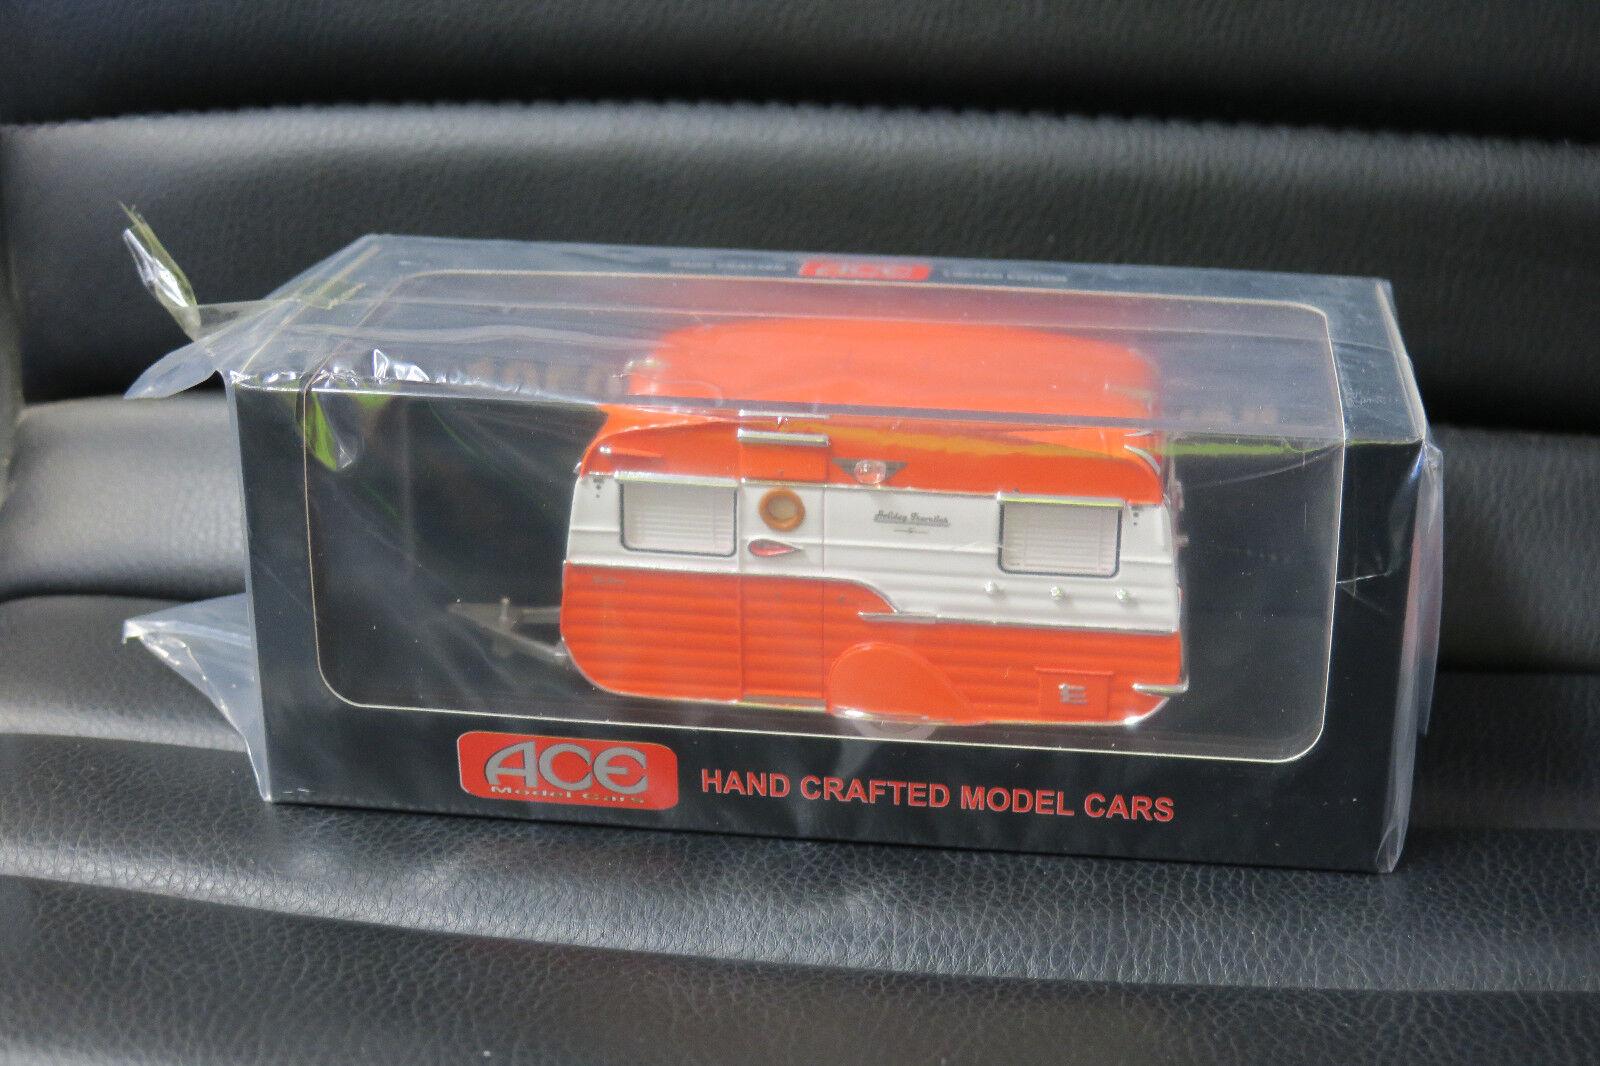 1 43 ACE MODEL CARS 1950's STYLIZED CARAVAN  TANGERINE AWESOME LOOKING MODEL LTD